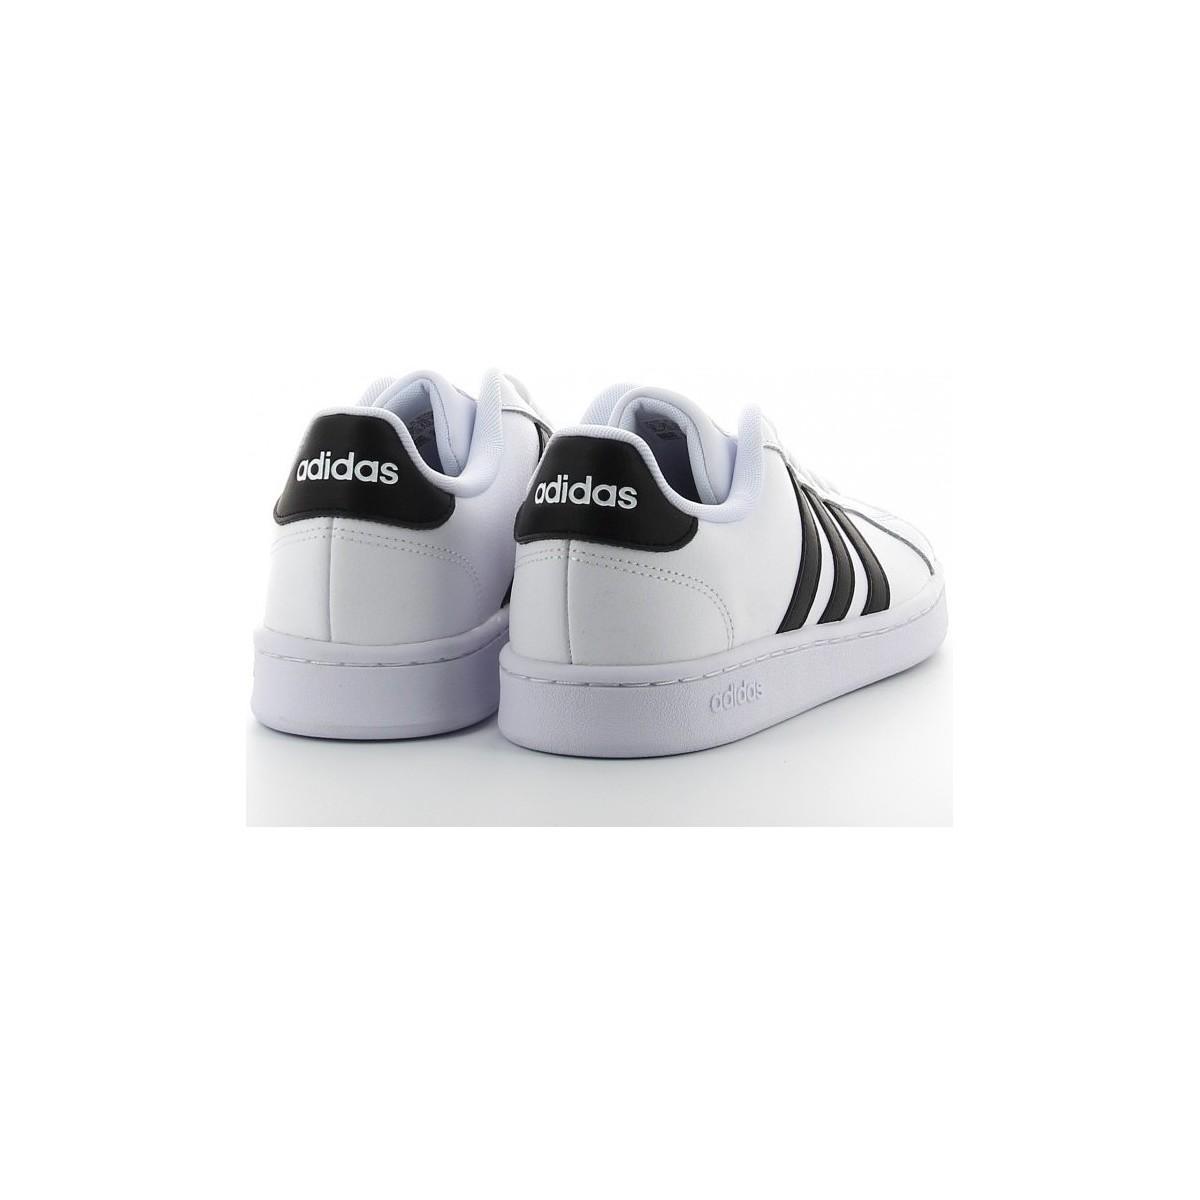 GRAND COURT blanco Chaussures adidas pour homme en coloris Blanc